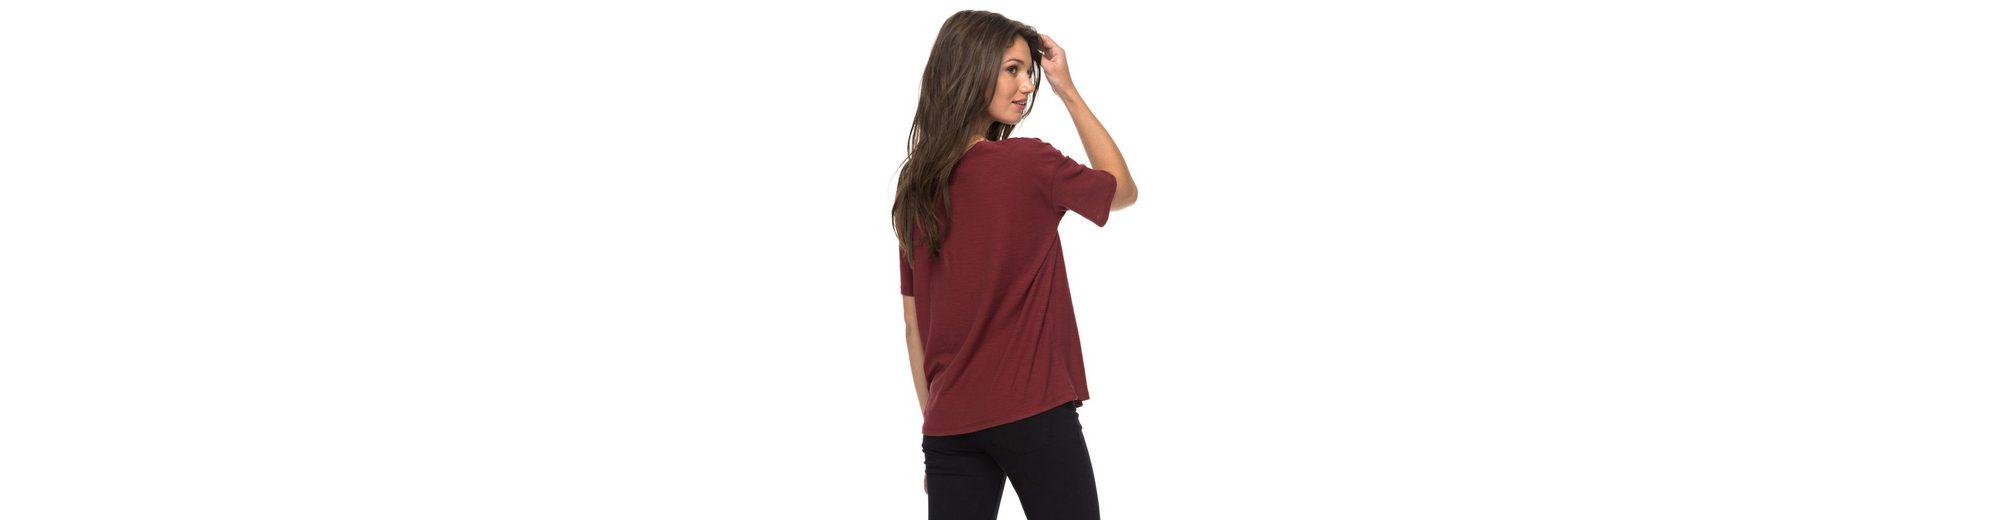 Roxy T-Shirt Wild Chaman Anzuzeigen Günstigen Preis Bester Ort Billig Verkauf Finish aB5T7